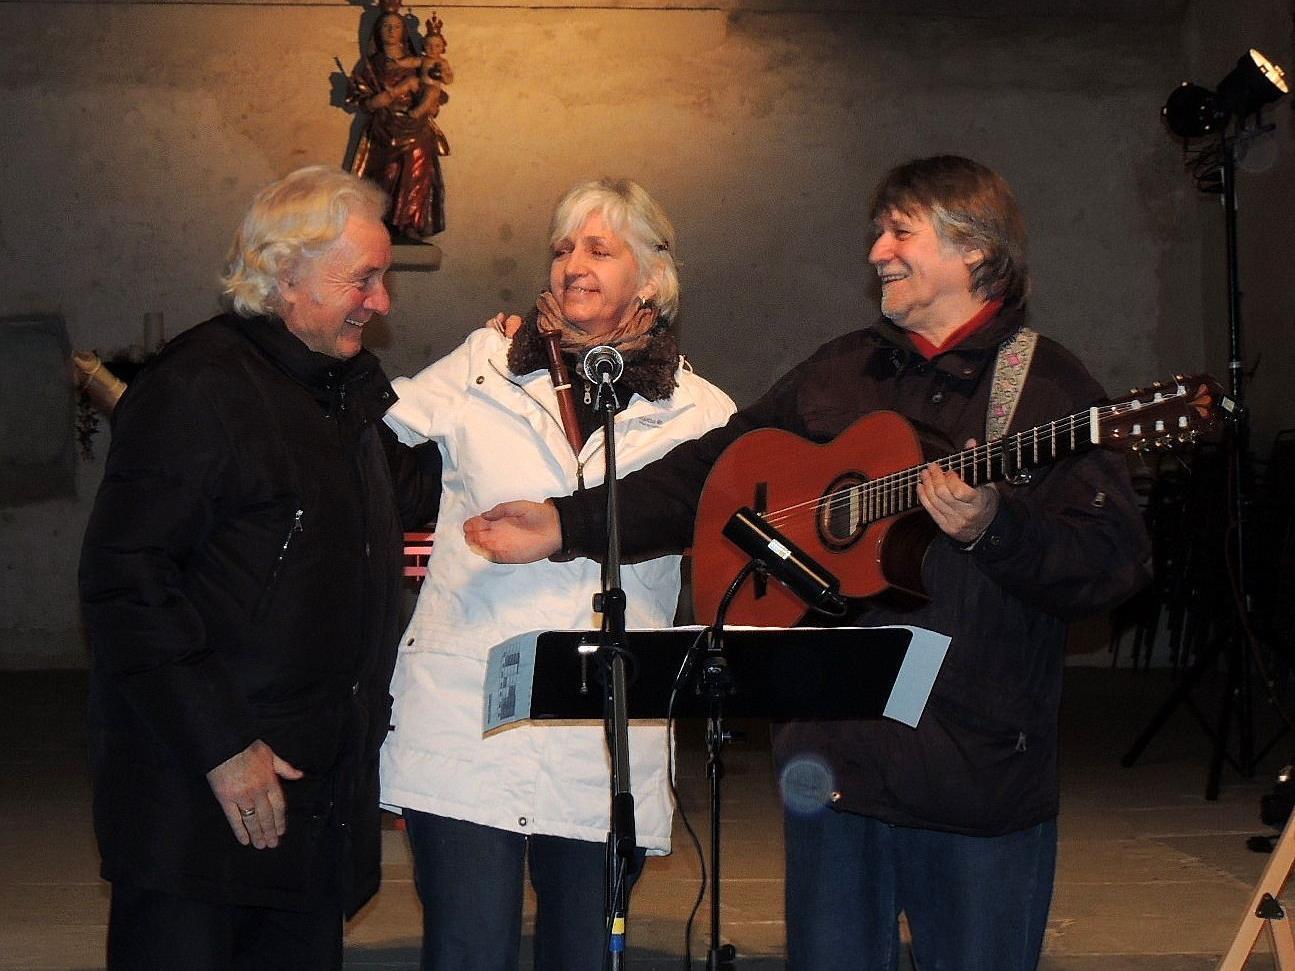 """Mag. Gunnar Breuer, Organisator von """"Weihnachten in der Oberstadt"""" wurde vom Musikerduo John-Verena Gillard spontan zur rhythmischen Begleitung engagiert"""